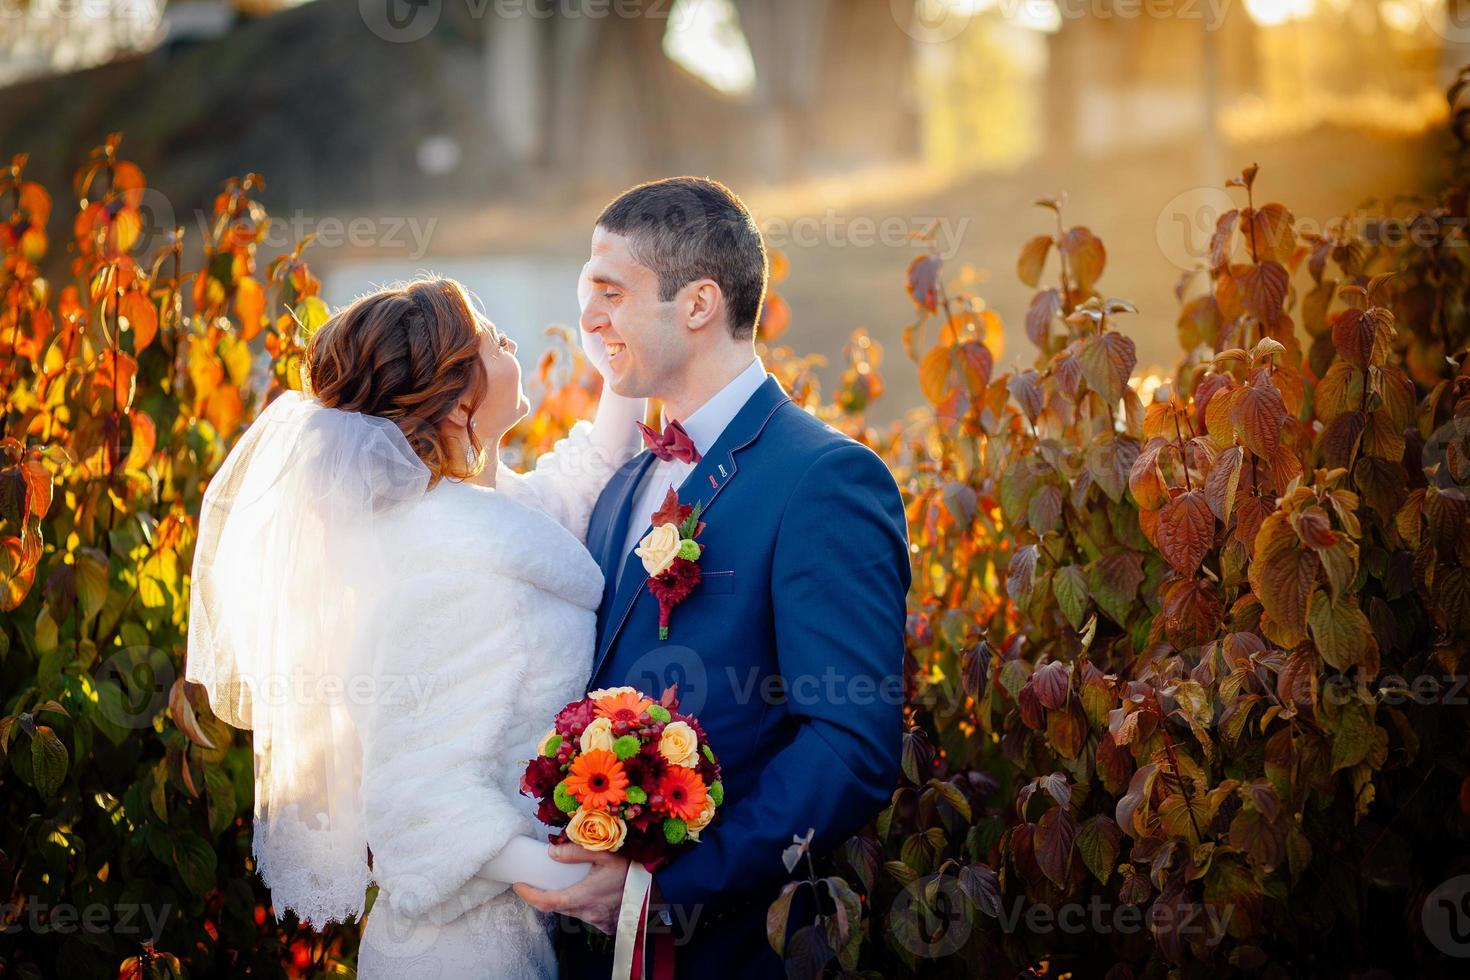 sposo e sposa matrimonio autunnale foto